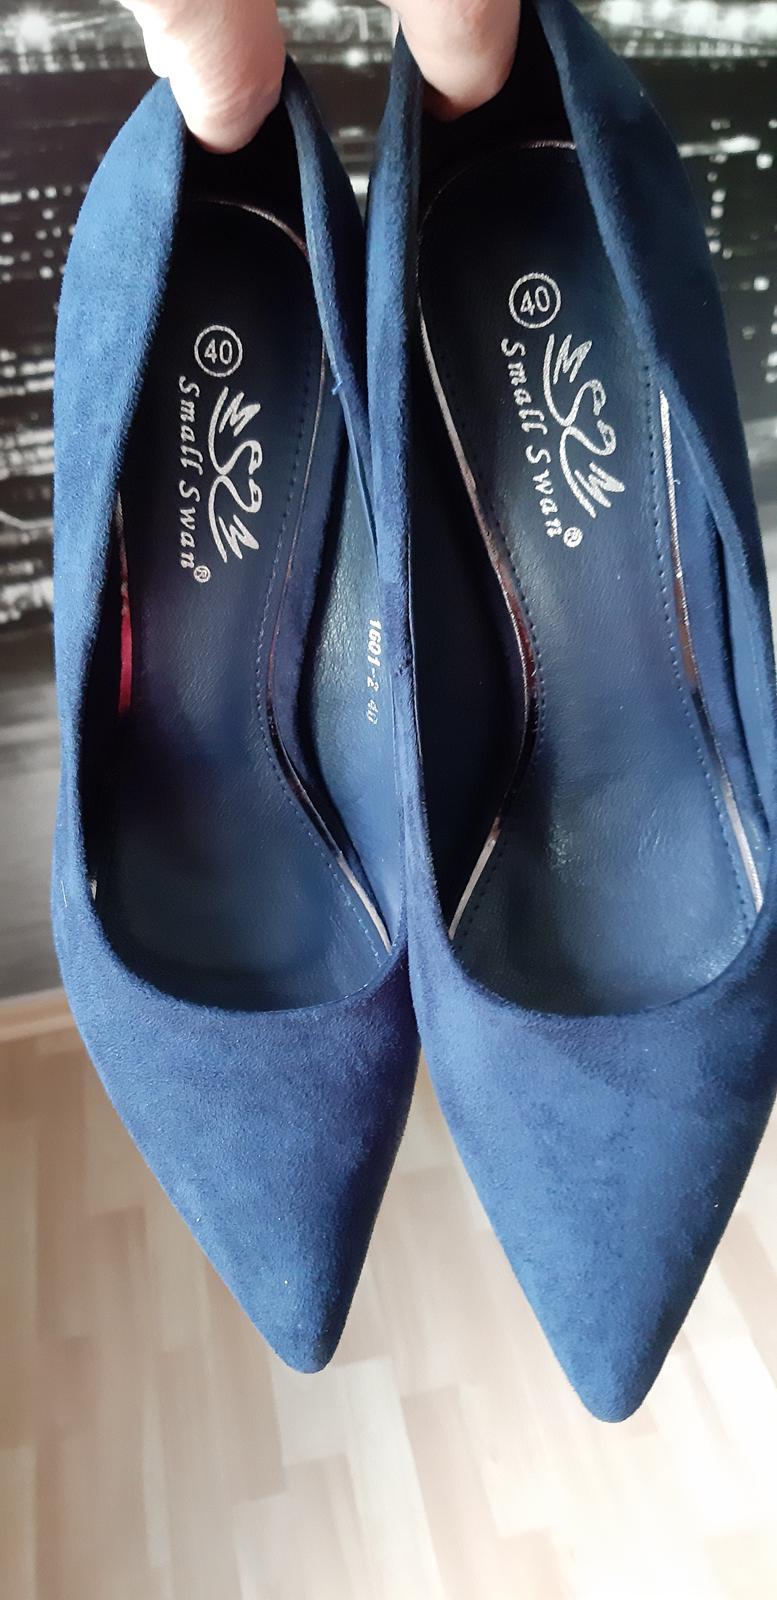 Spoločenské topánky zn. Small Swan - Obrázok č. 2